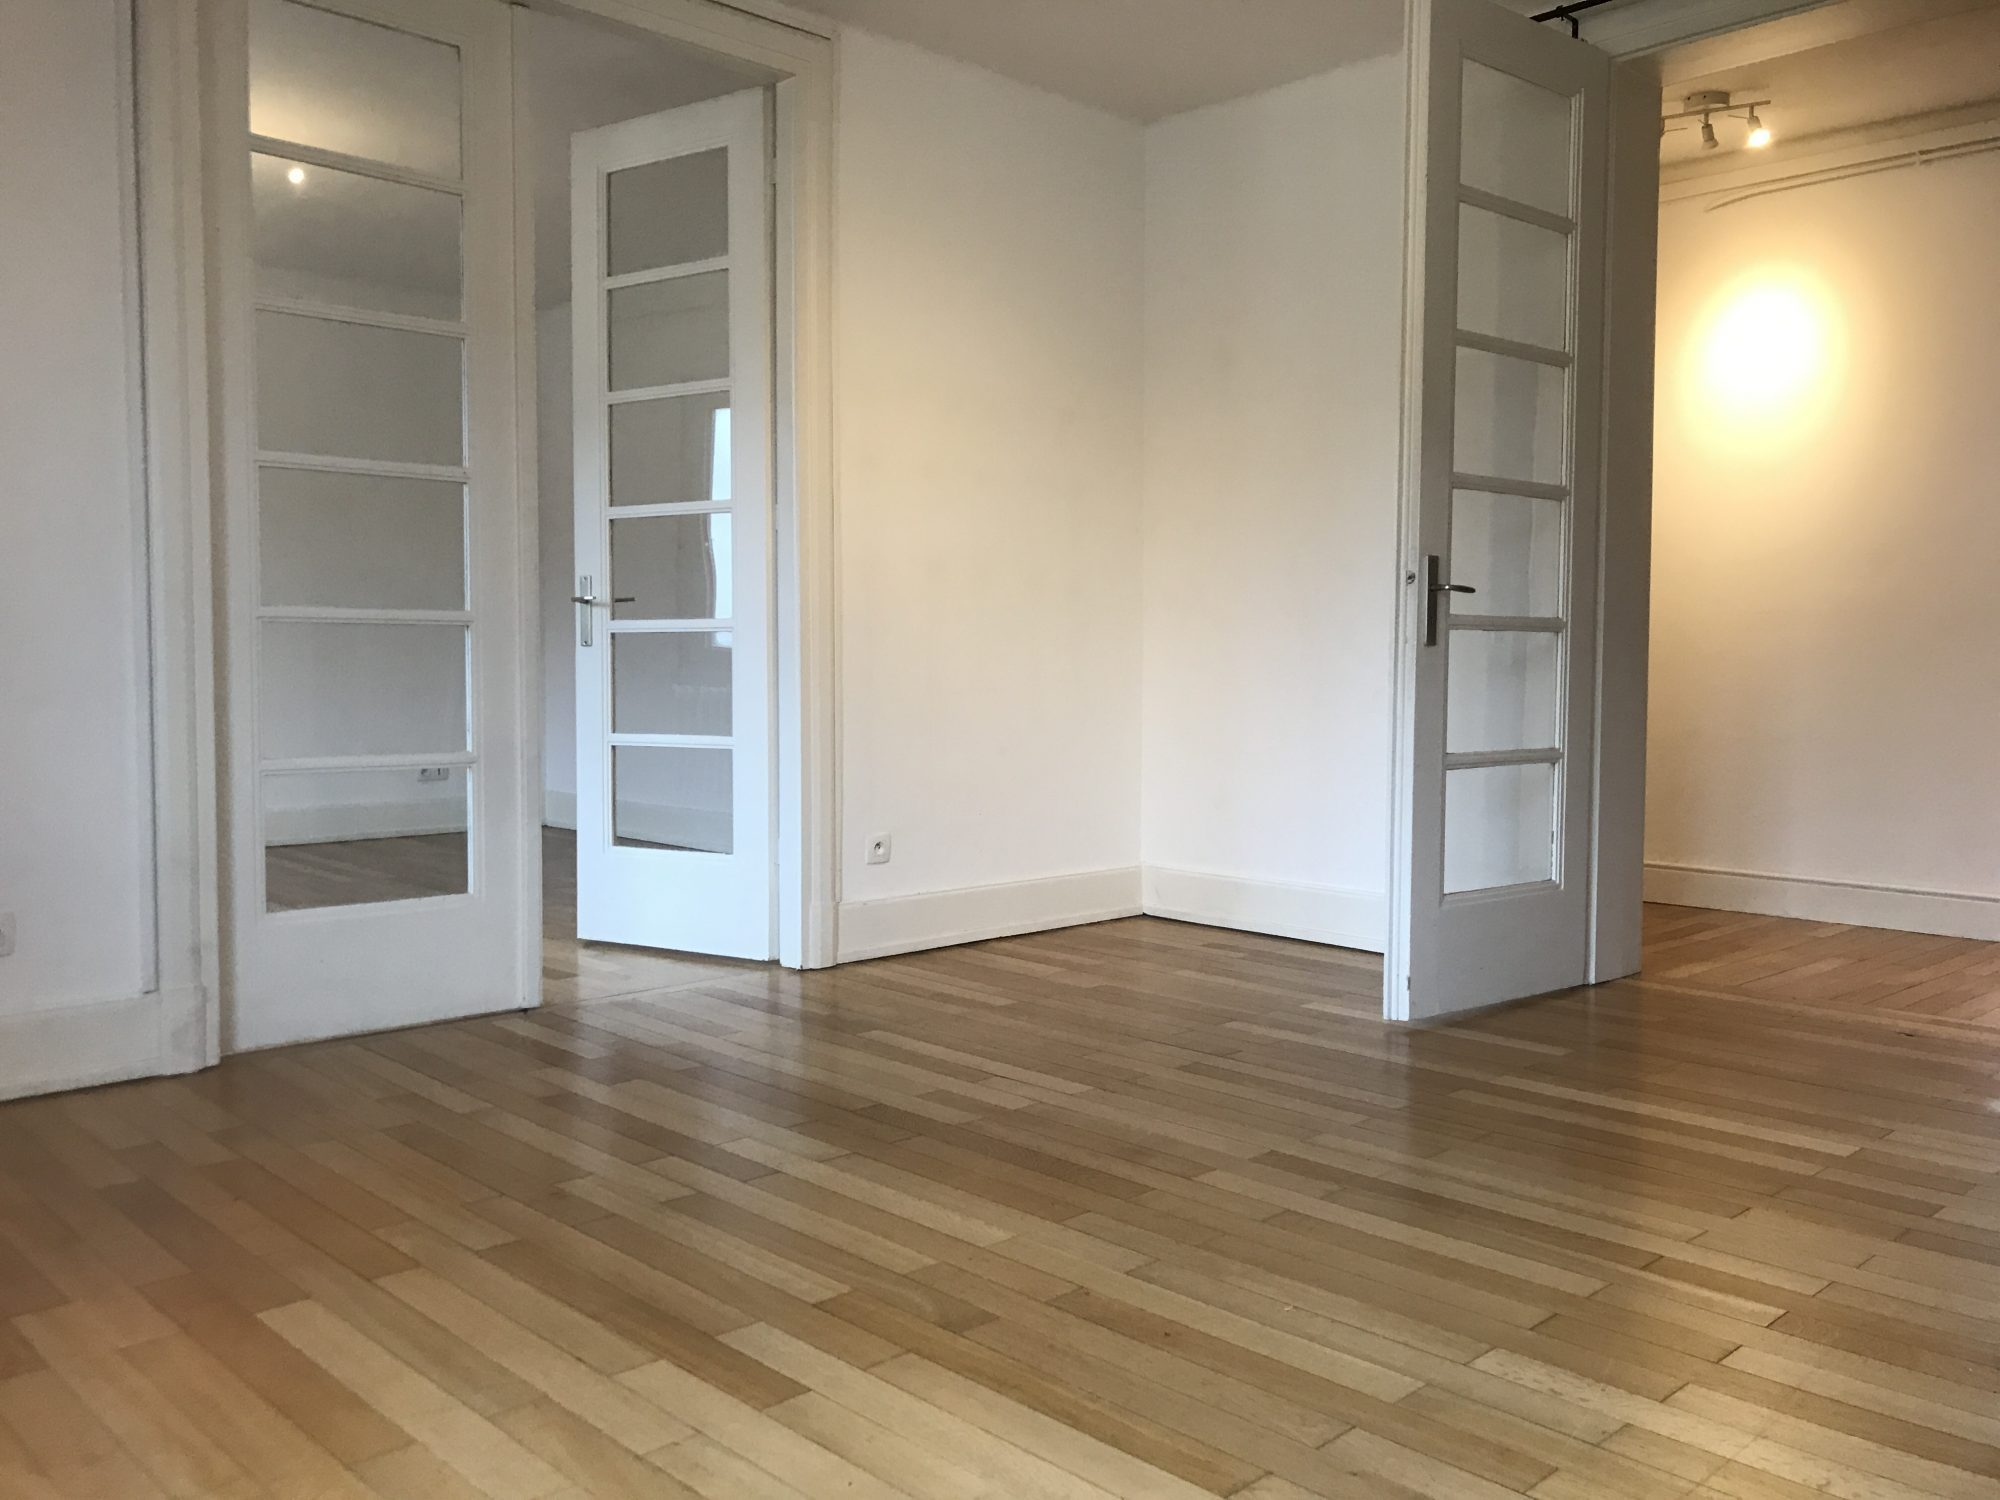 GRAND 3 PIECES BLVD DE LYON - Devenez locataire en toute sérénité - Bintz Immobilier - 4